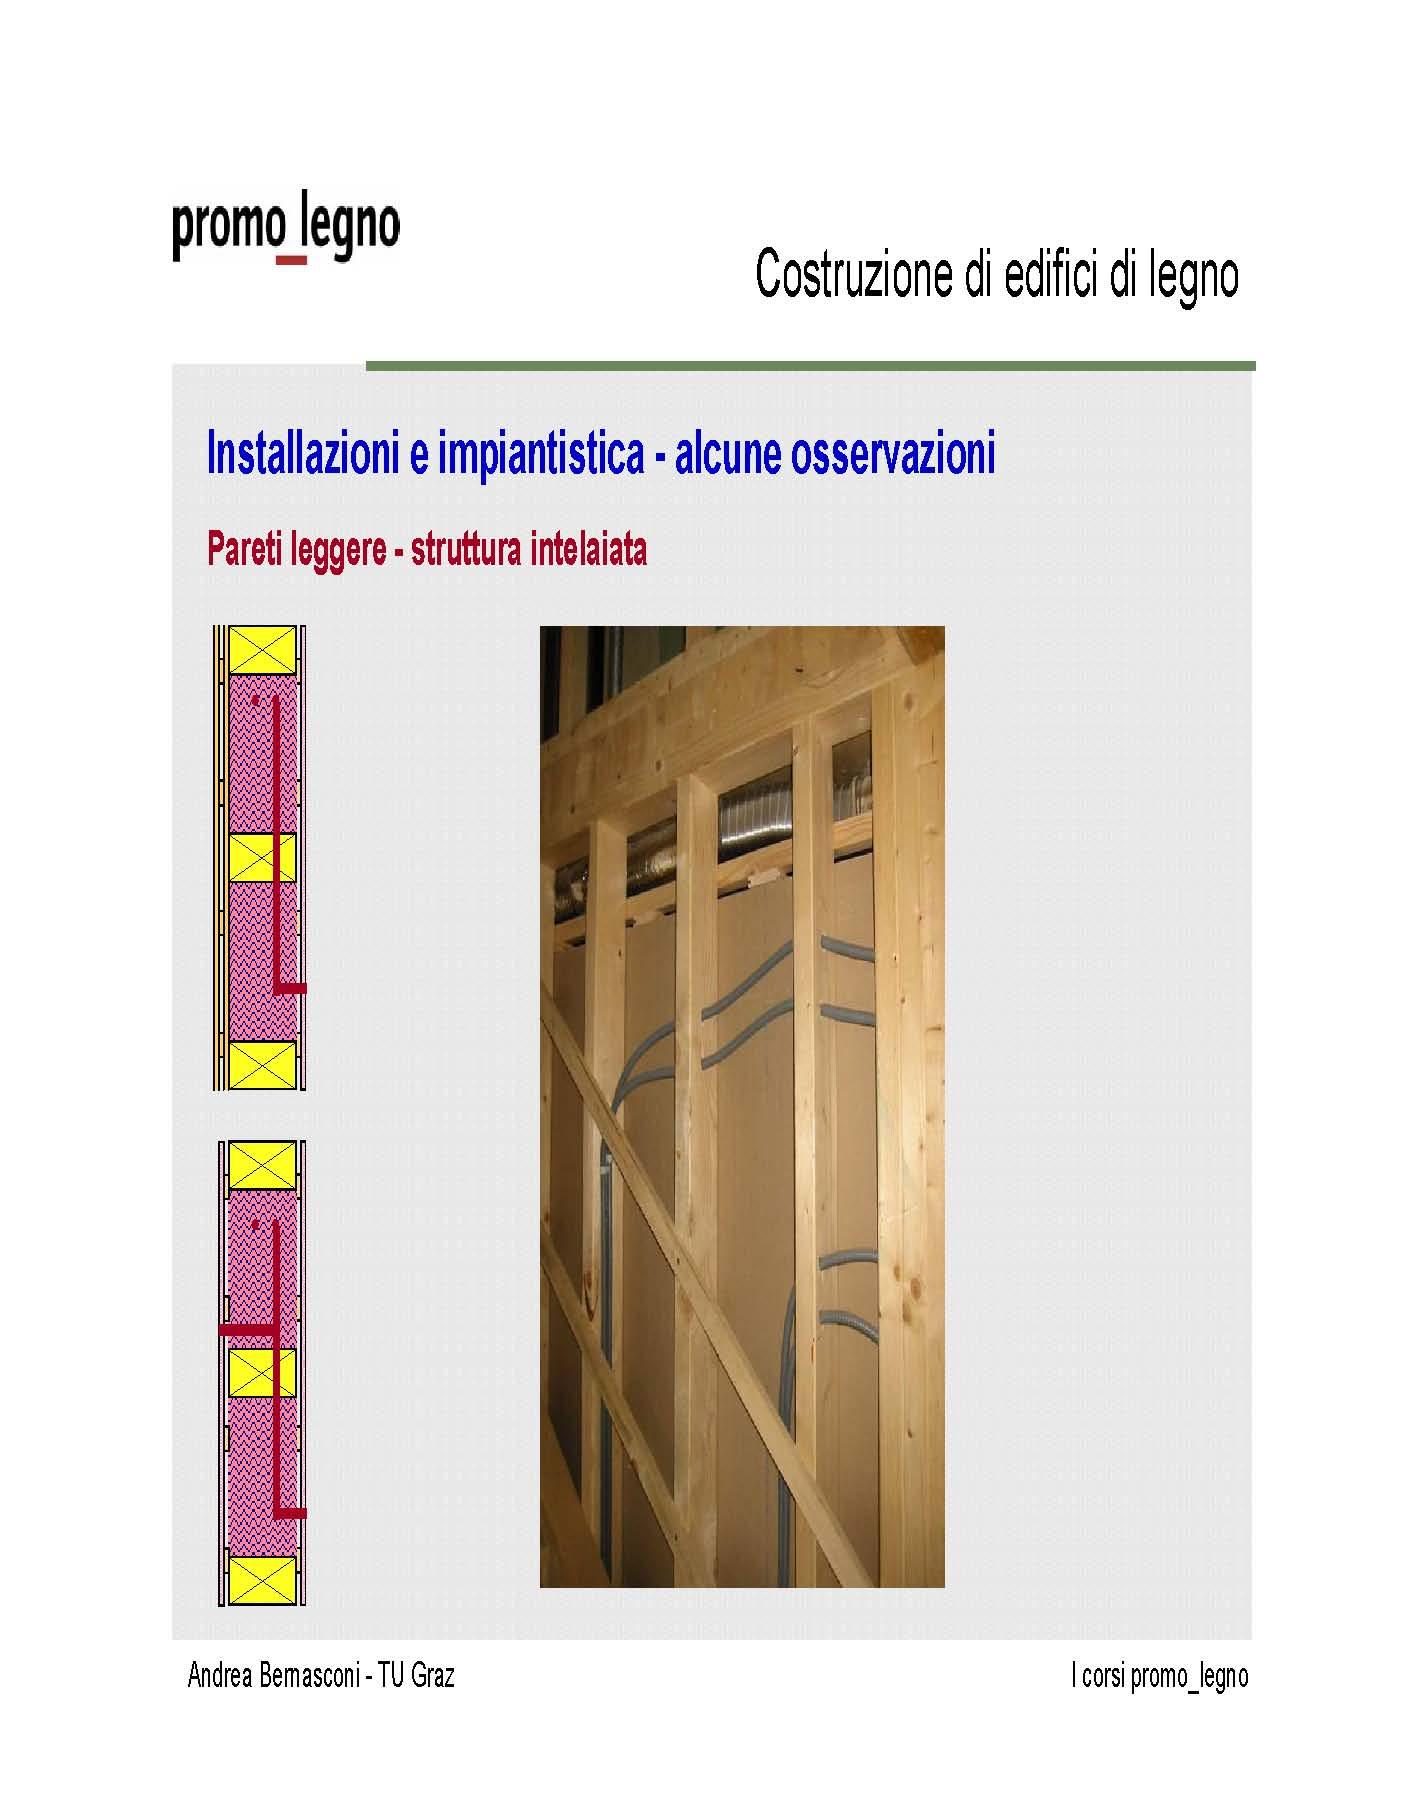 Considerando una costruzione in legno a pannelli intelaiati, come ...